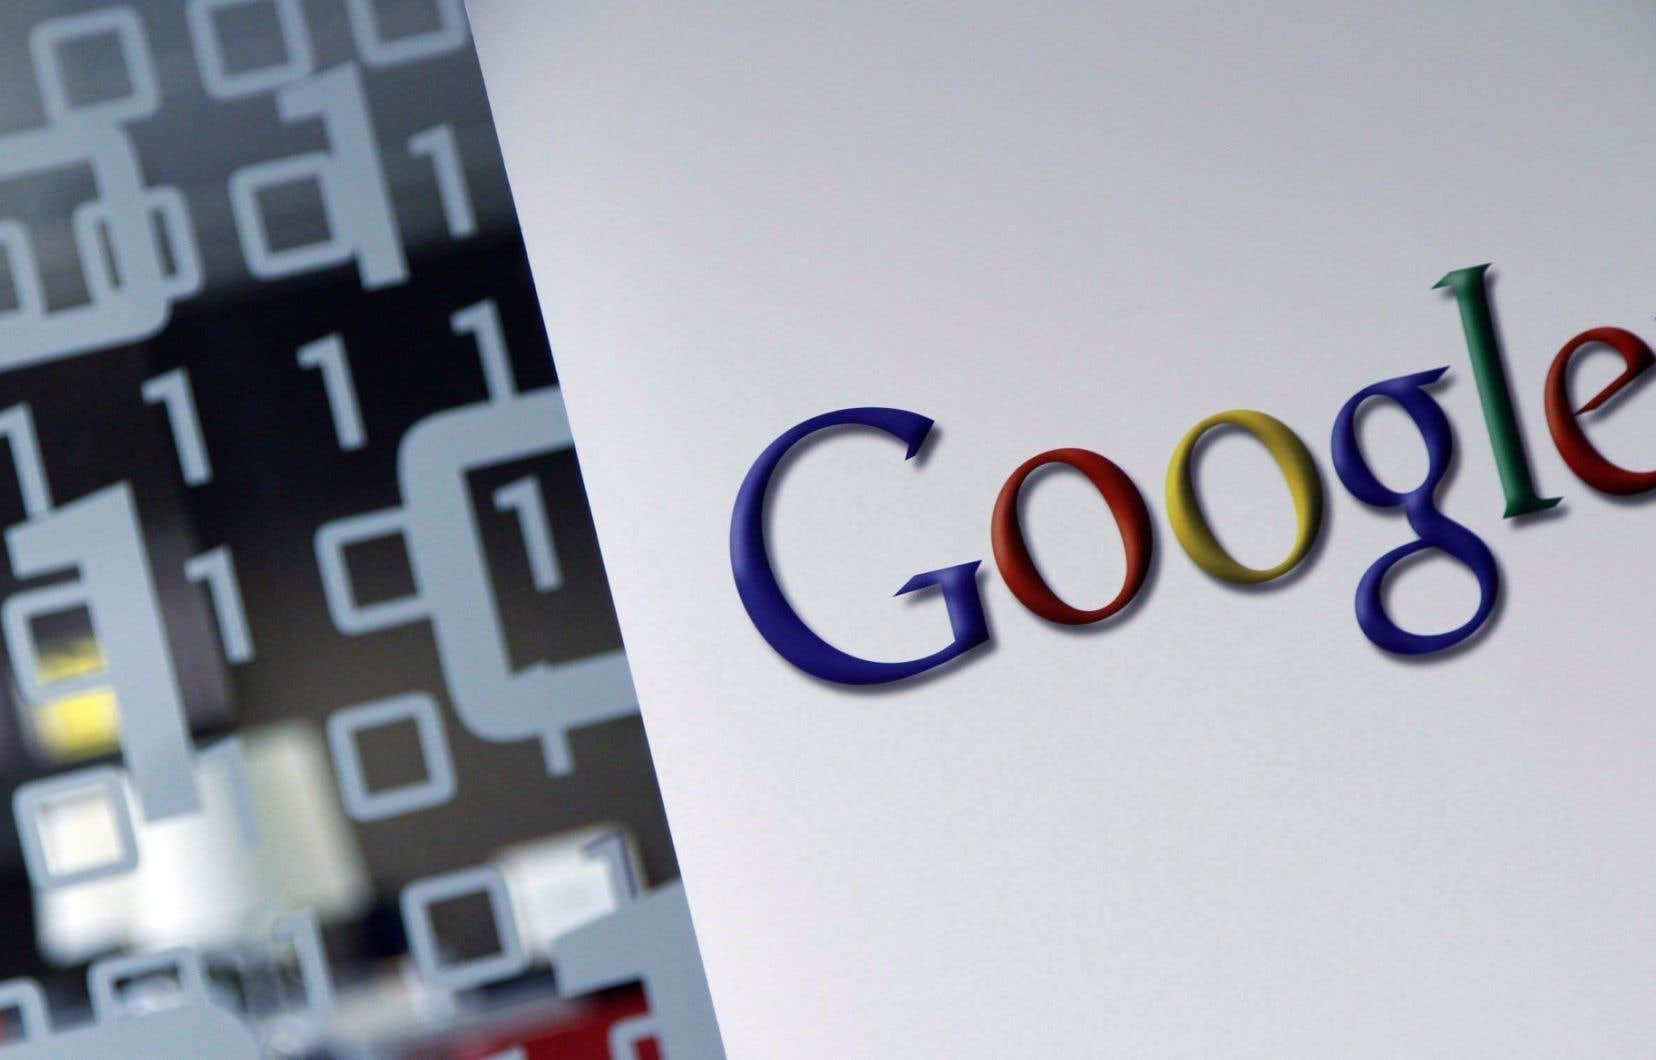 L'avocat de Google soutientqu'il y a une différence nette entre le retrait volontaire par Google de certains éléments et la contrainte par une décision des tribunaux.